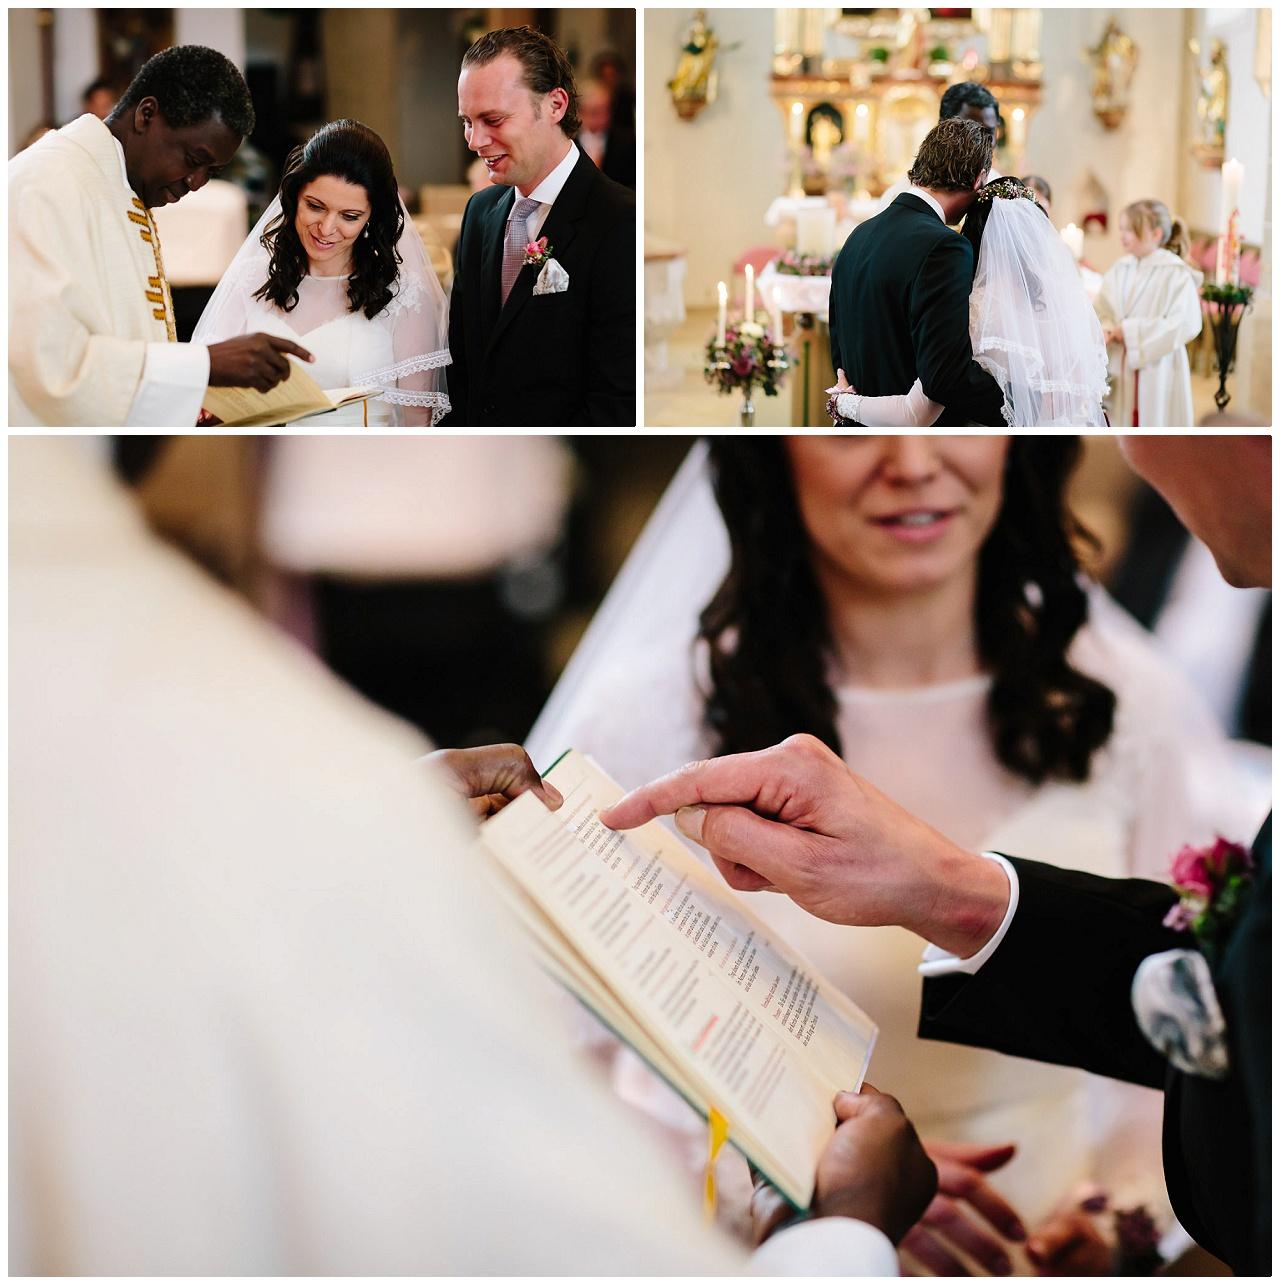 Hochzeitsfotograf Attersee Hochzeit Michaela und Andreas 10